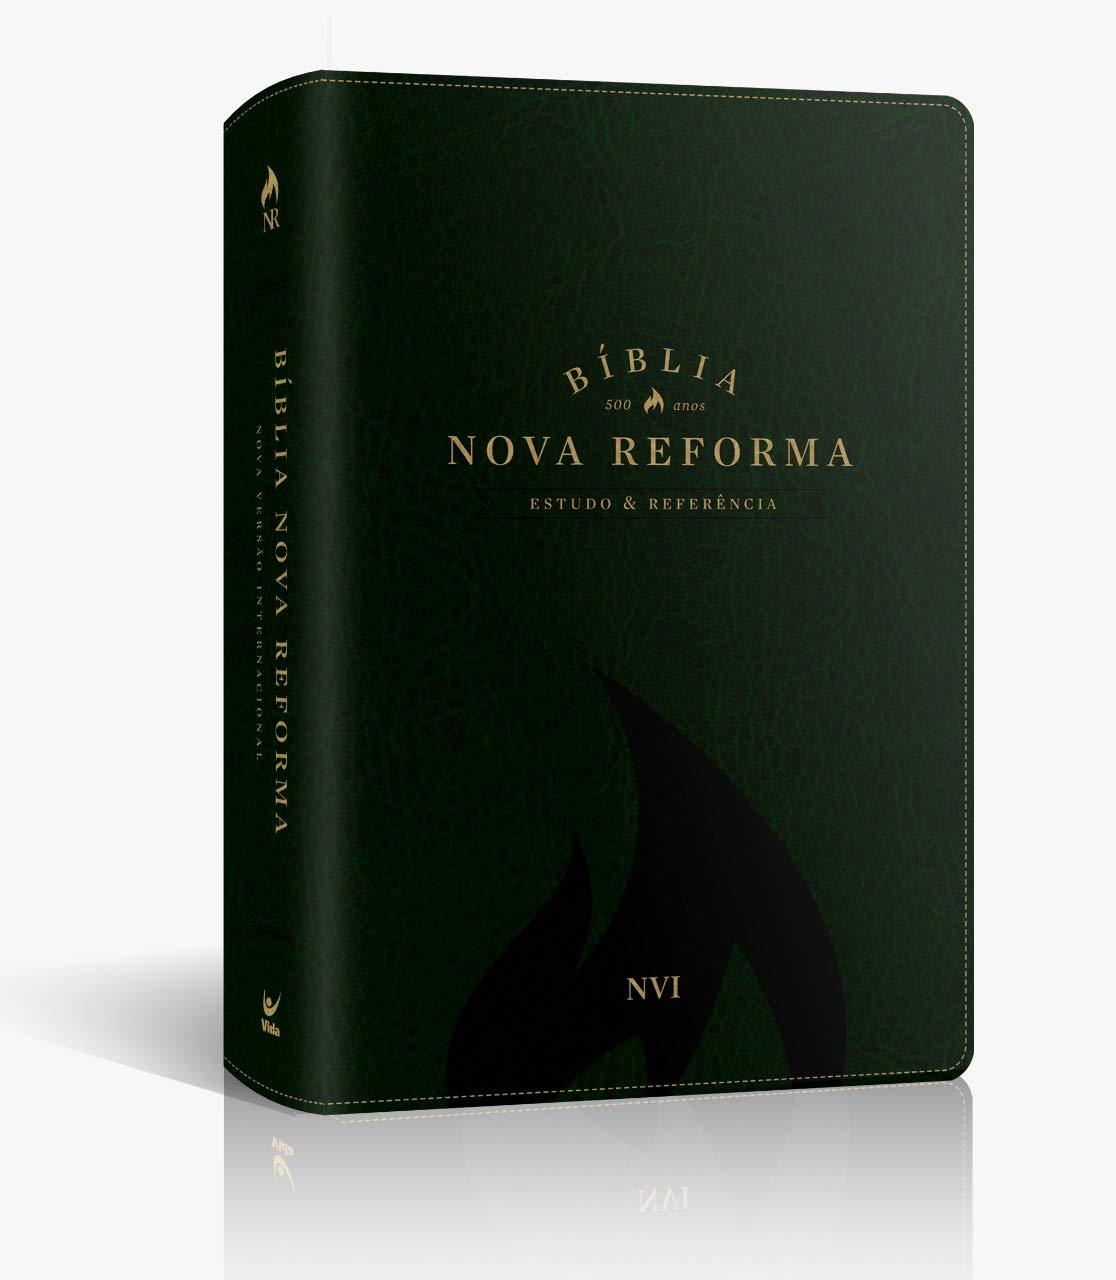 Bíblia Nova Reforma Nvi Capa Pu Verde